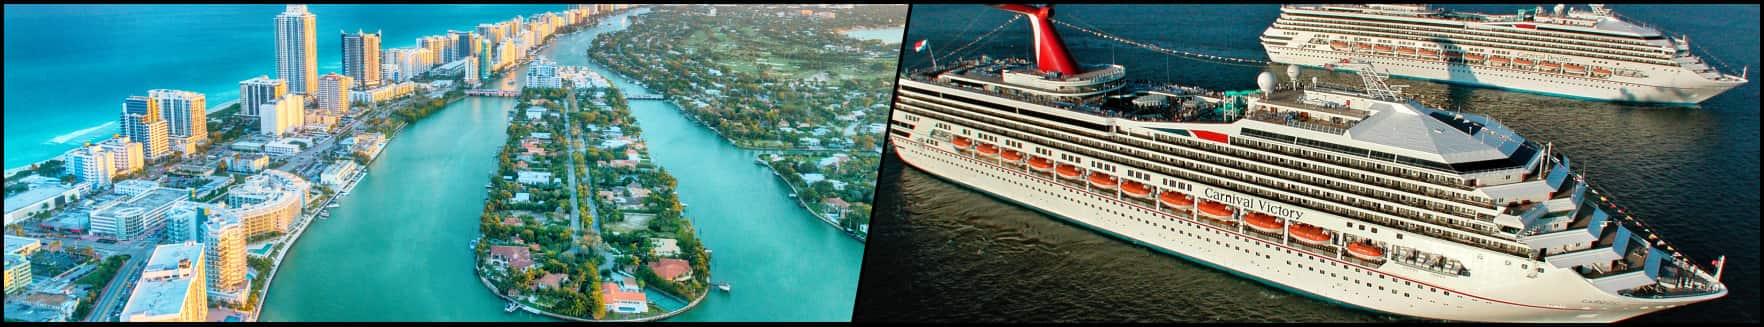 Miami - Bahamas Cruise